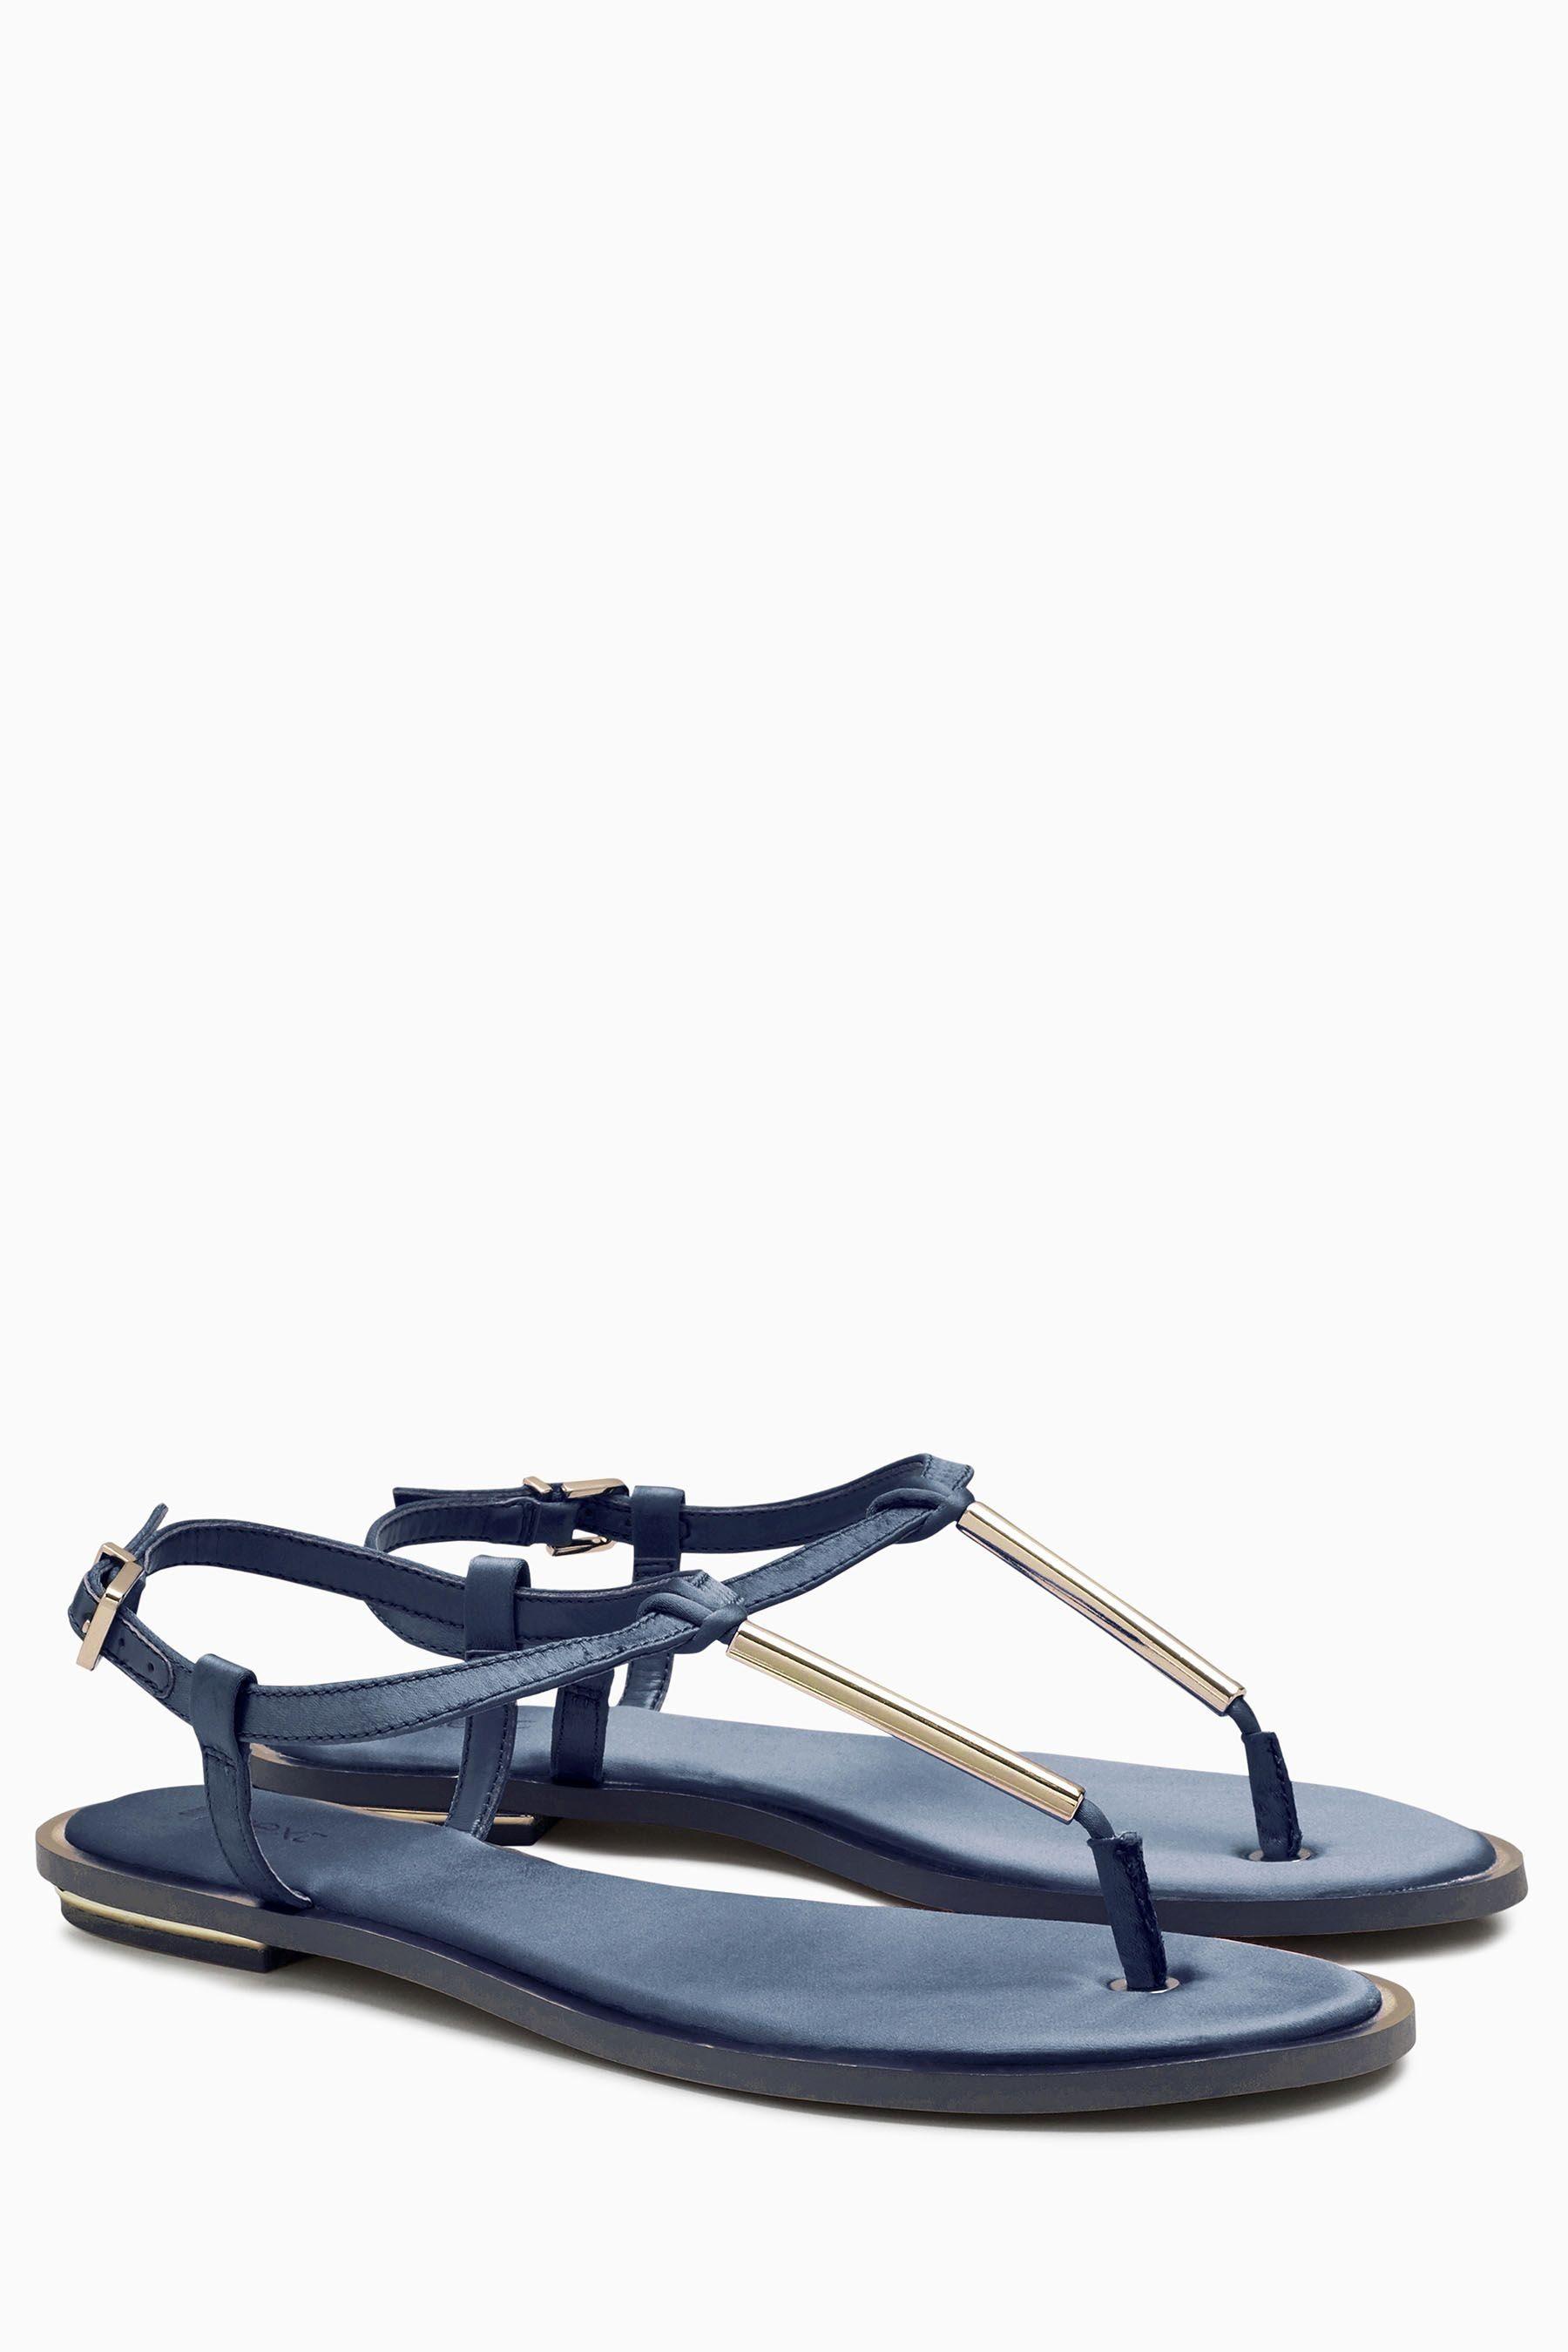 Next Sandalette mit T-Steg aus Satin online kaufen  Navy